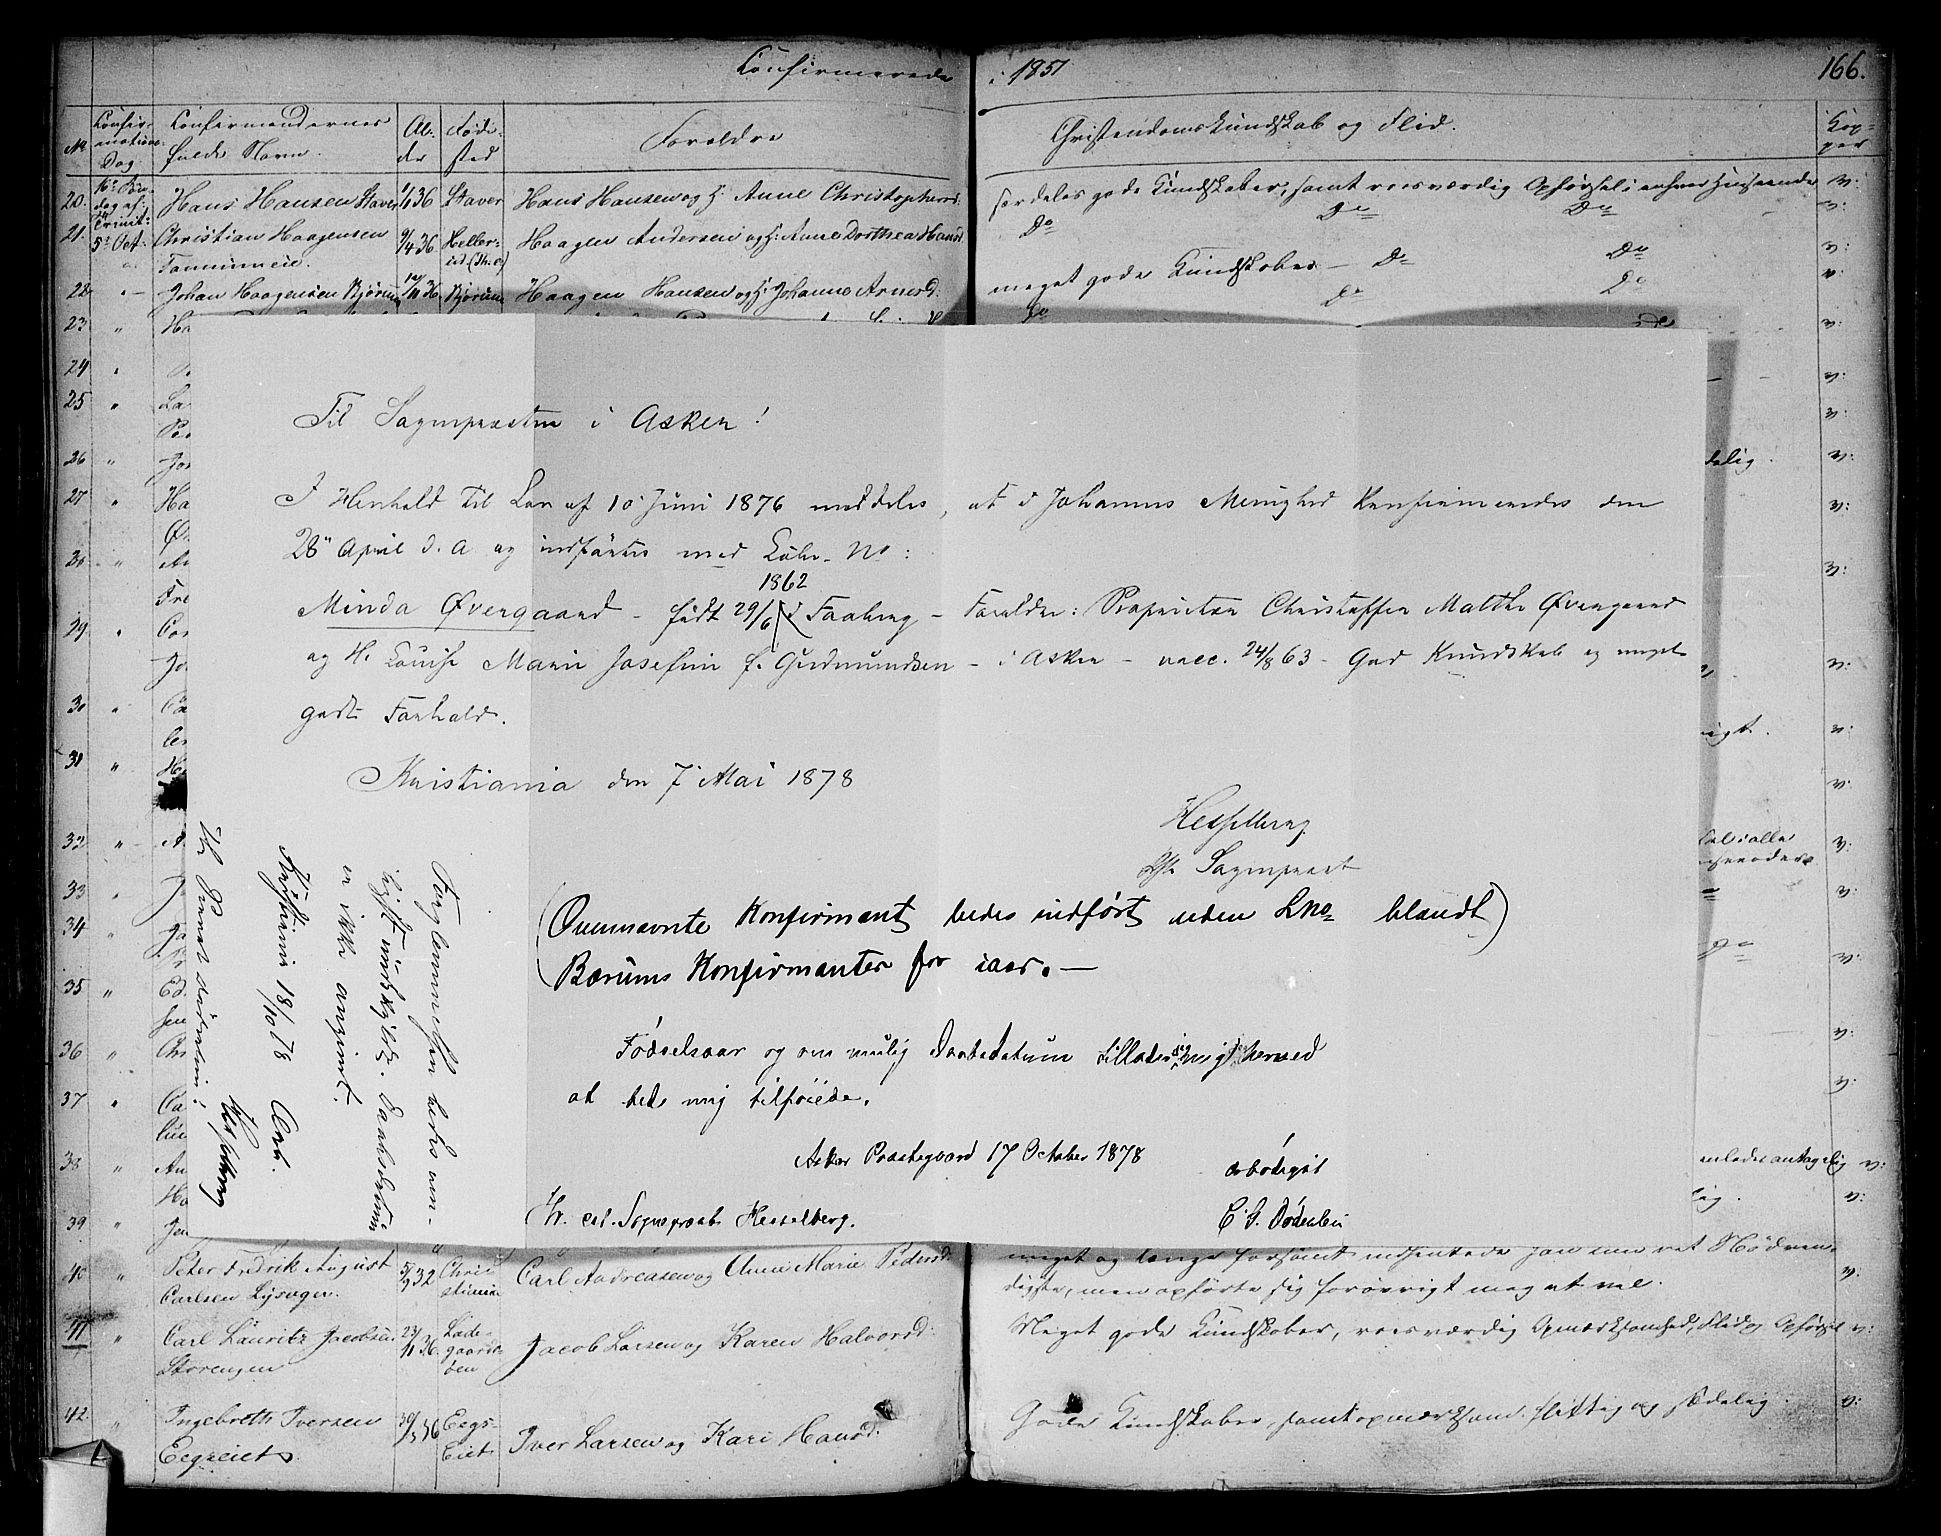 SAO, Asker prestekontor Kirkebøker, F/Fa/L0009: Ministerialbok nr. I 9, 1825-1878, s. 166